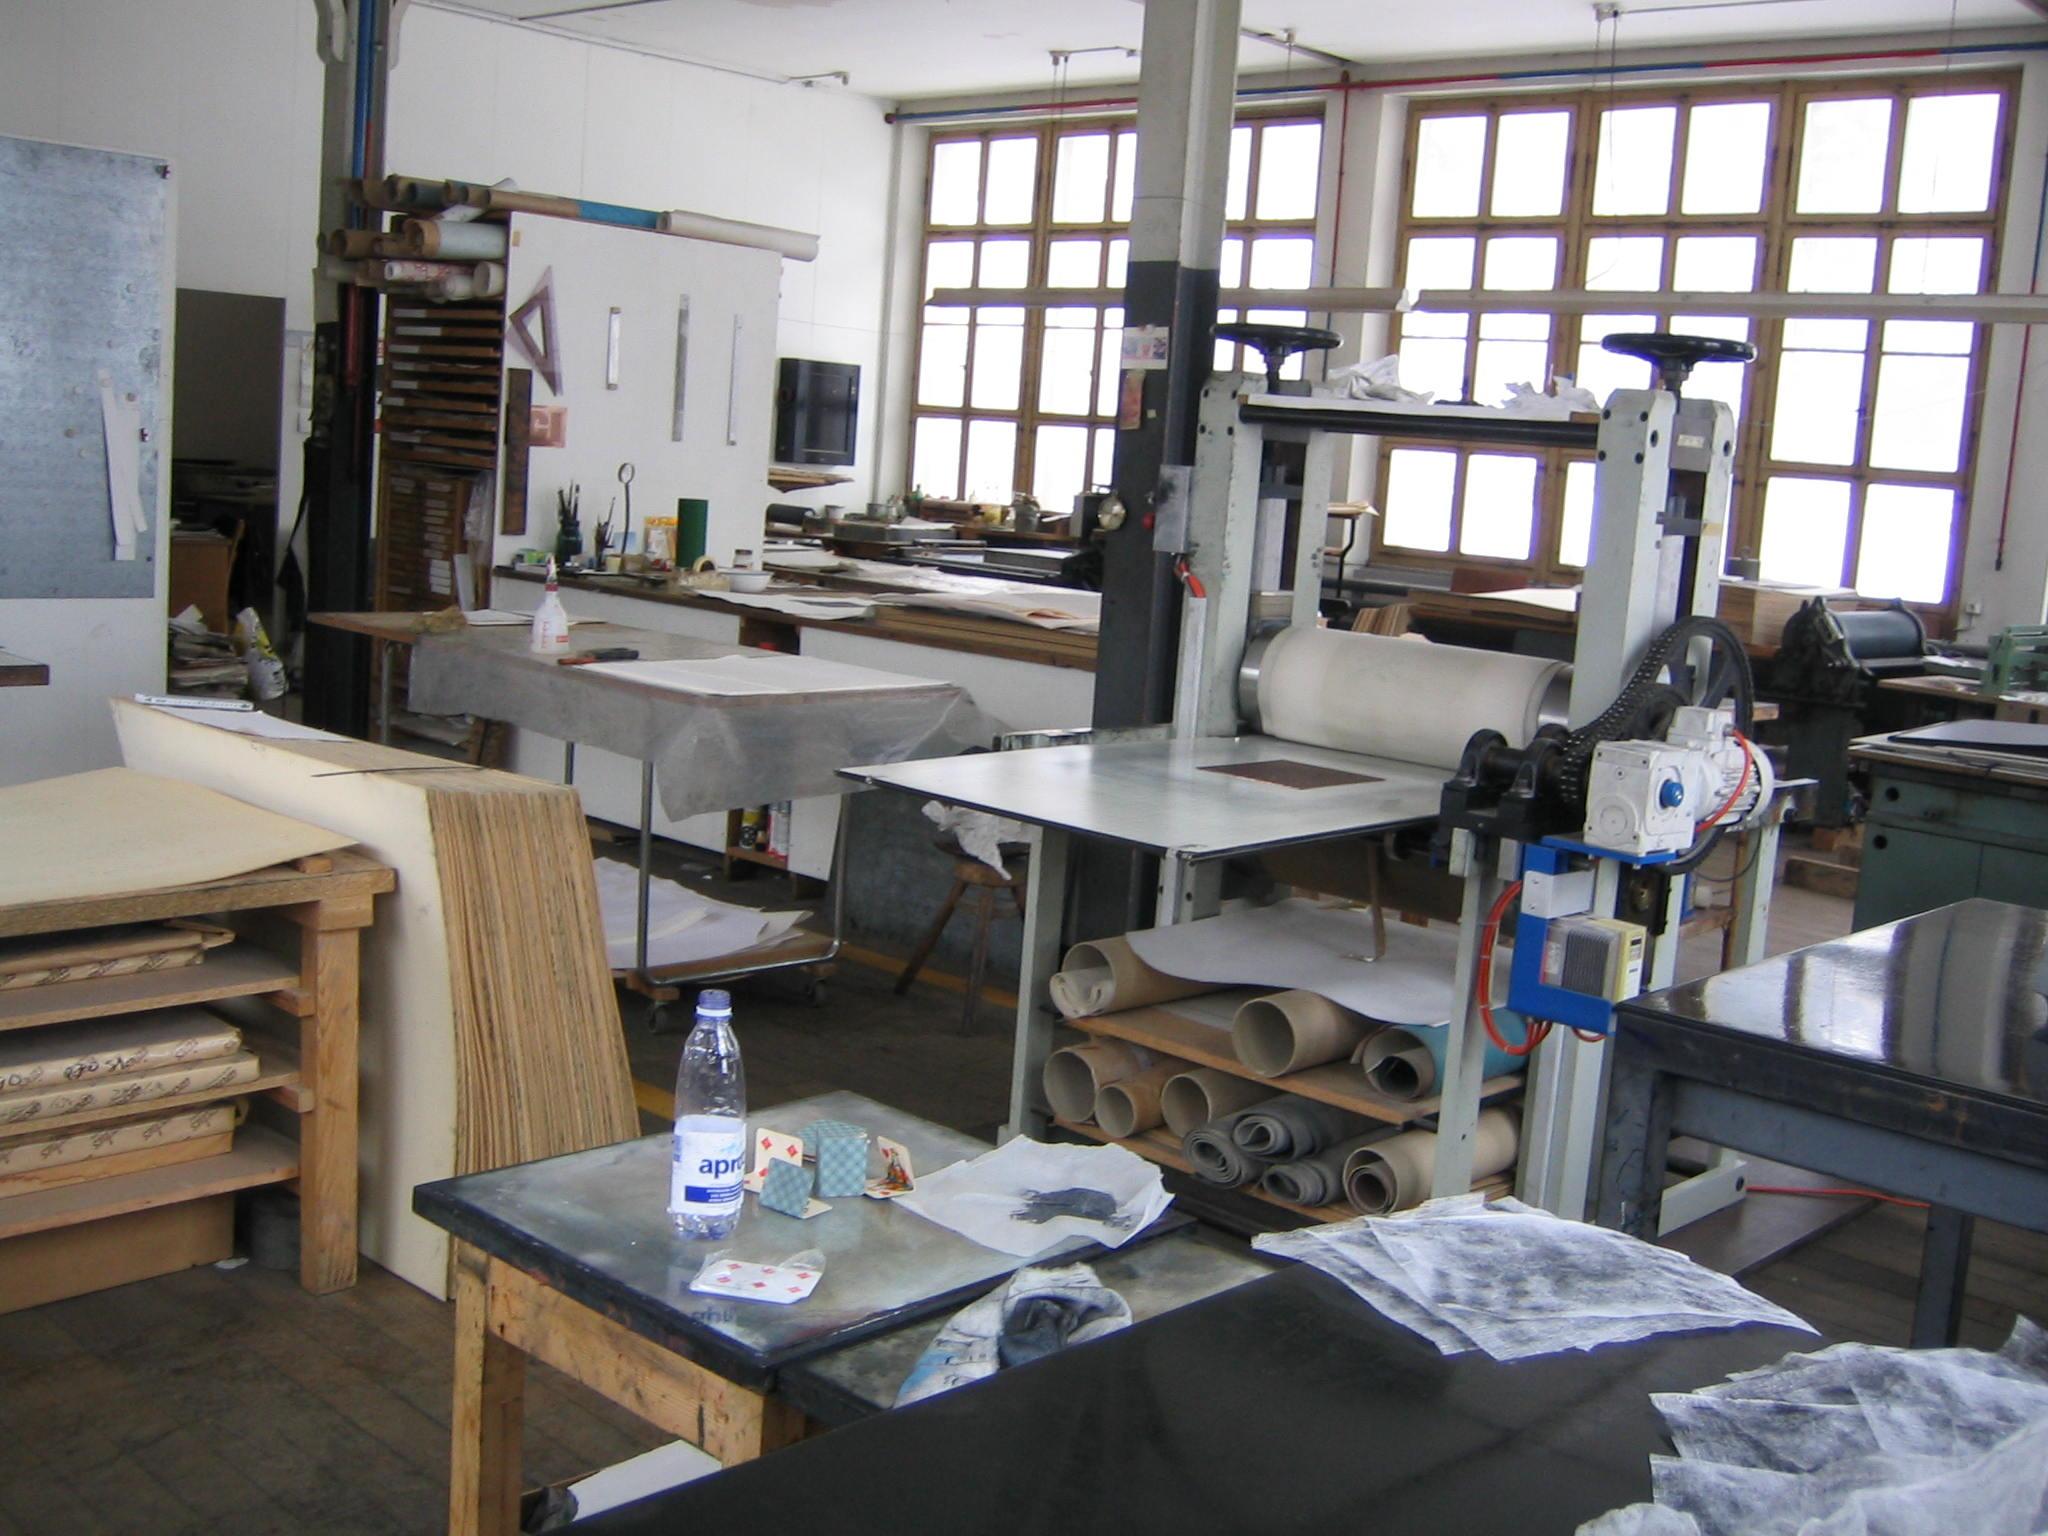 L atelier de gravure de moutier r compens infos m dias for Ouvrir un lien dans une nouvelle fenetre html